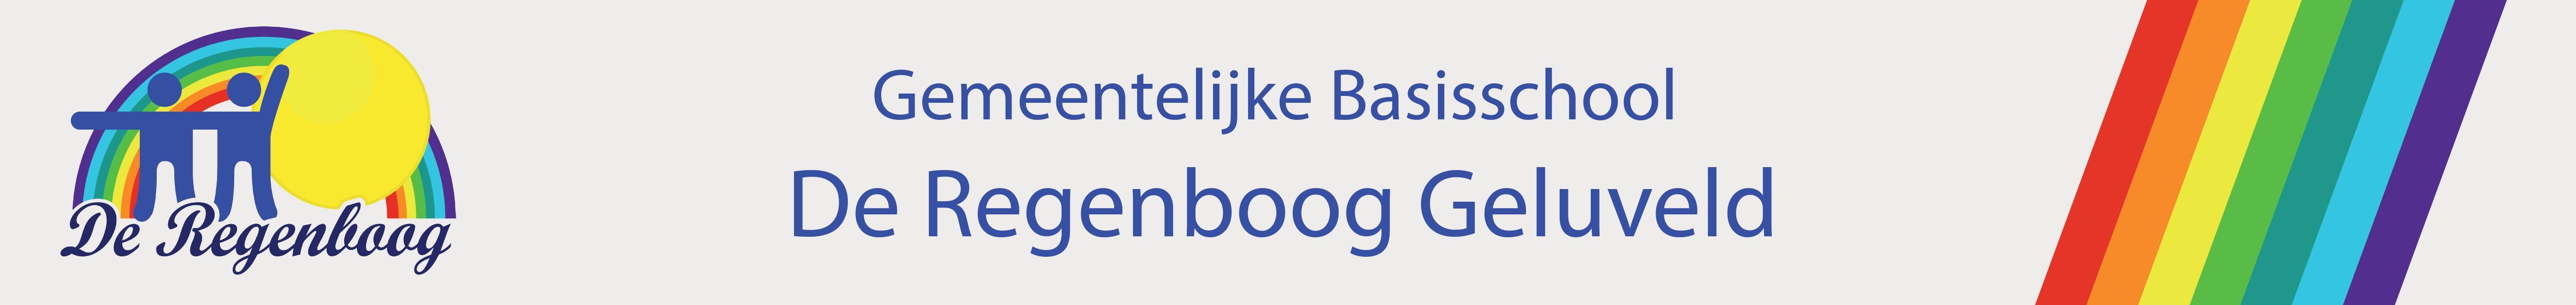 De Regenboog logo